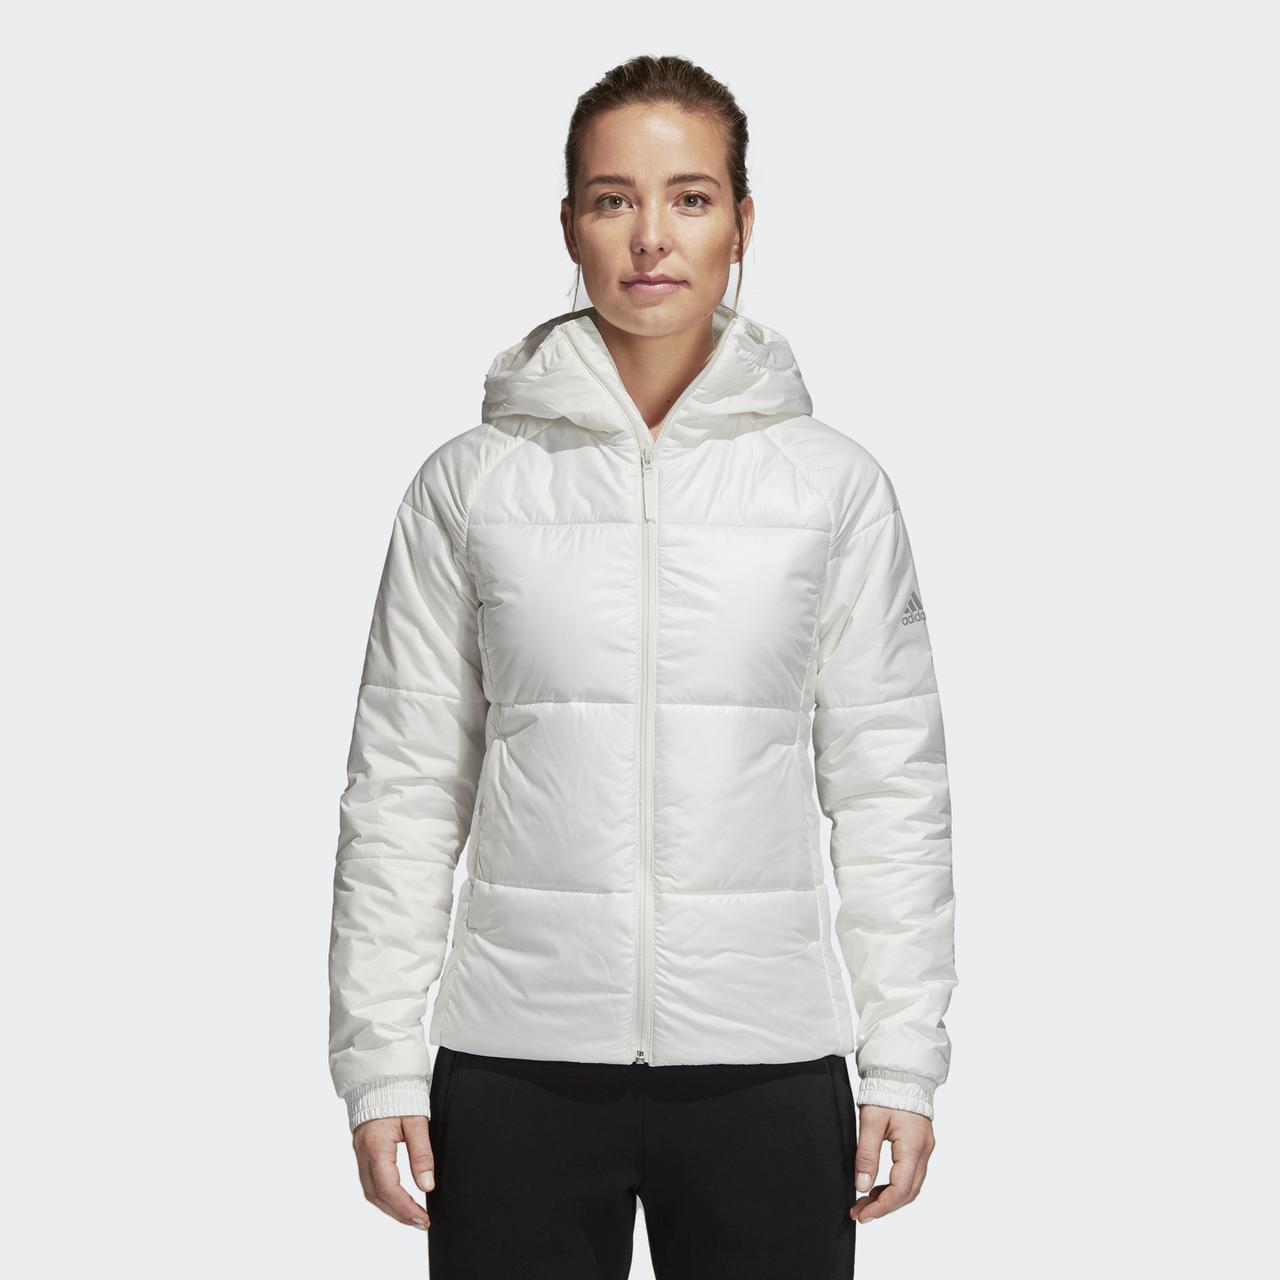 Женская куртка Adidas Performance BTS Winter (Артикул  CY9126) - Адидас  официальный интернет - a5d78746e0b